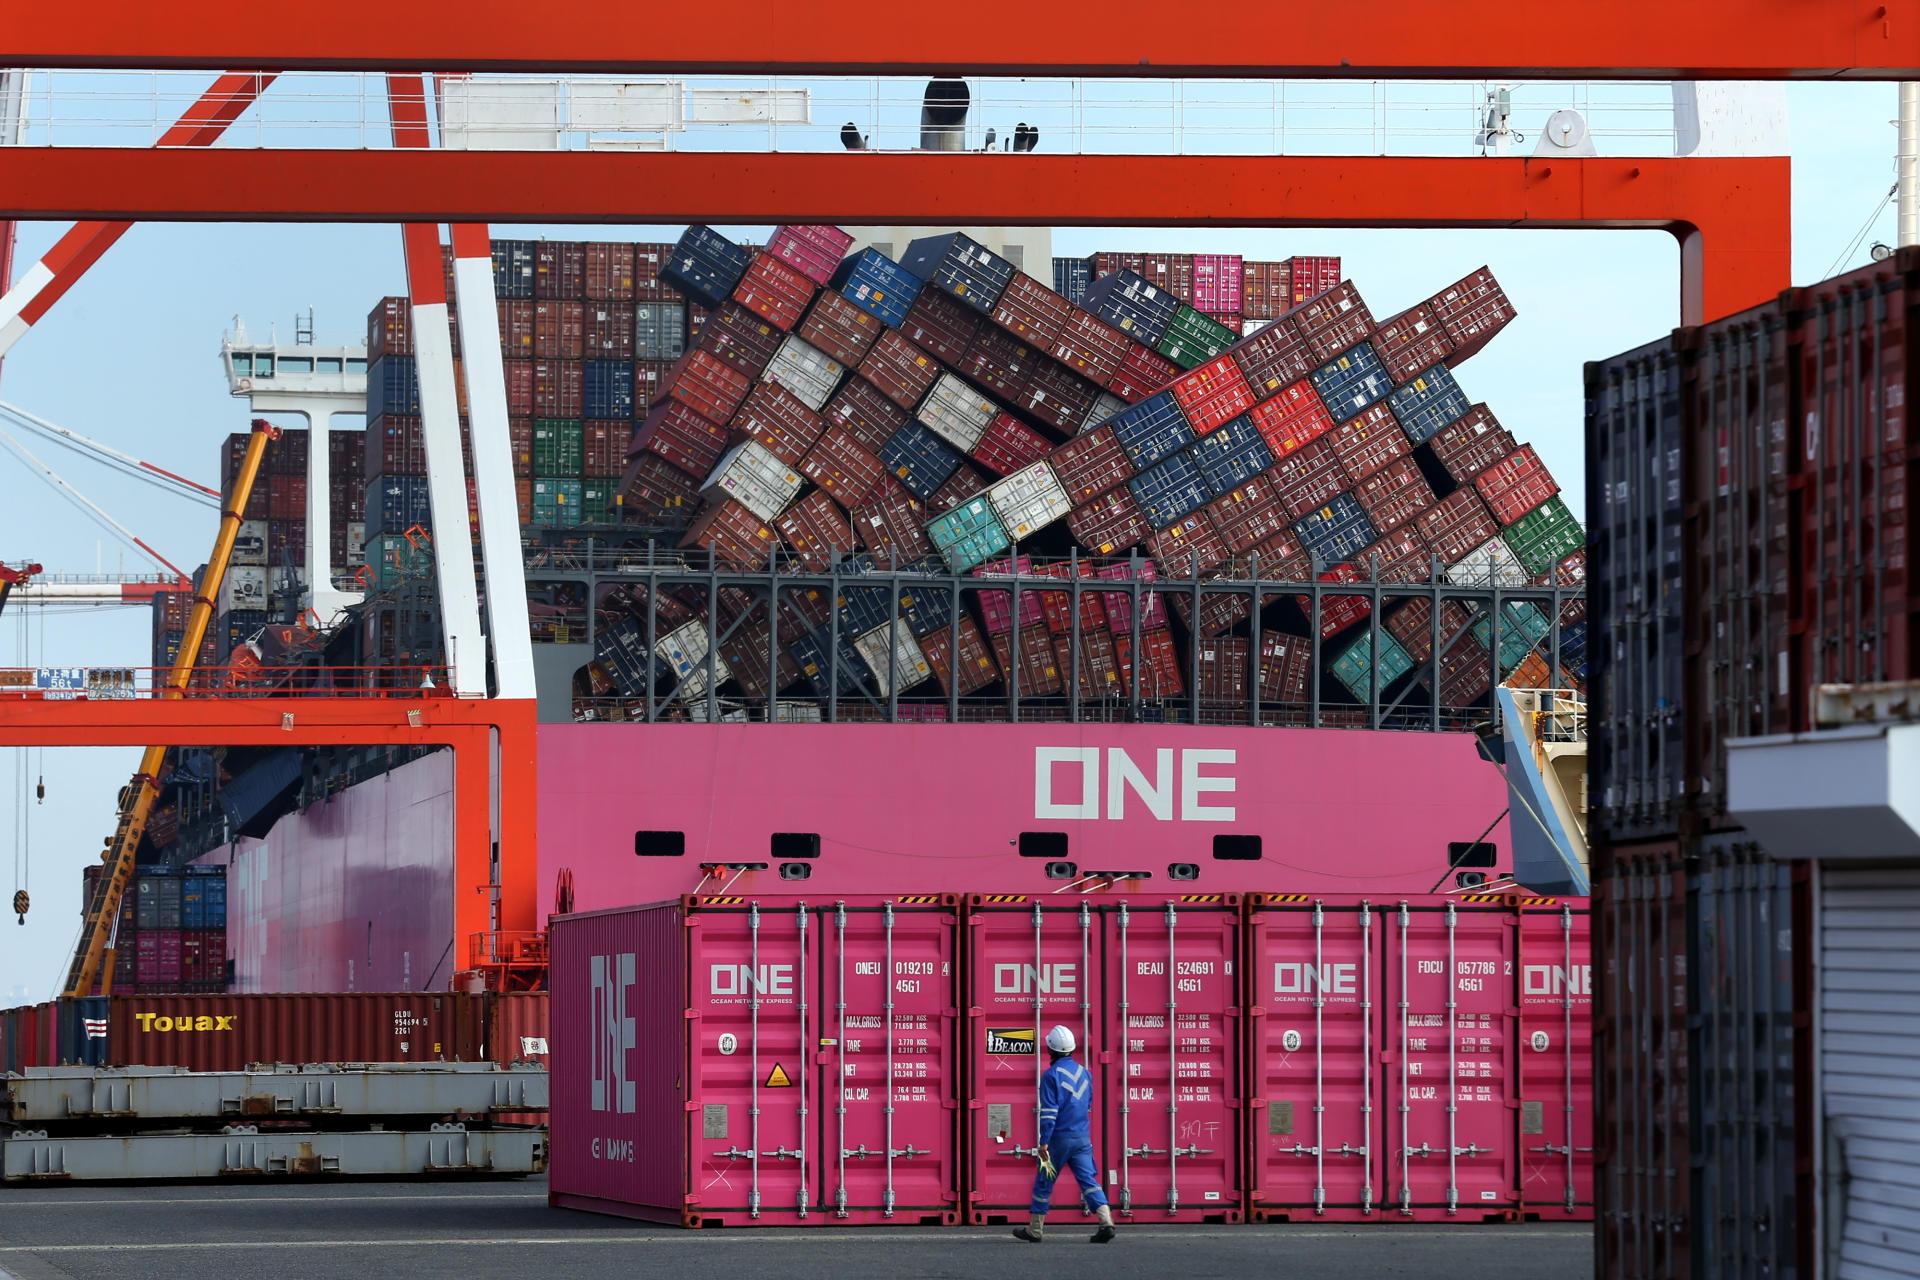 Le porte-conteneurs «One Apus», dans le port de Kobé (Japon), le 10 décembre 2020, dix jours après avoir été frappé par un violent orage dans le Pacifique Nord.